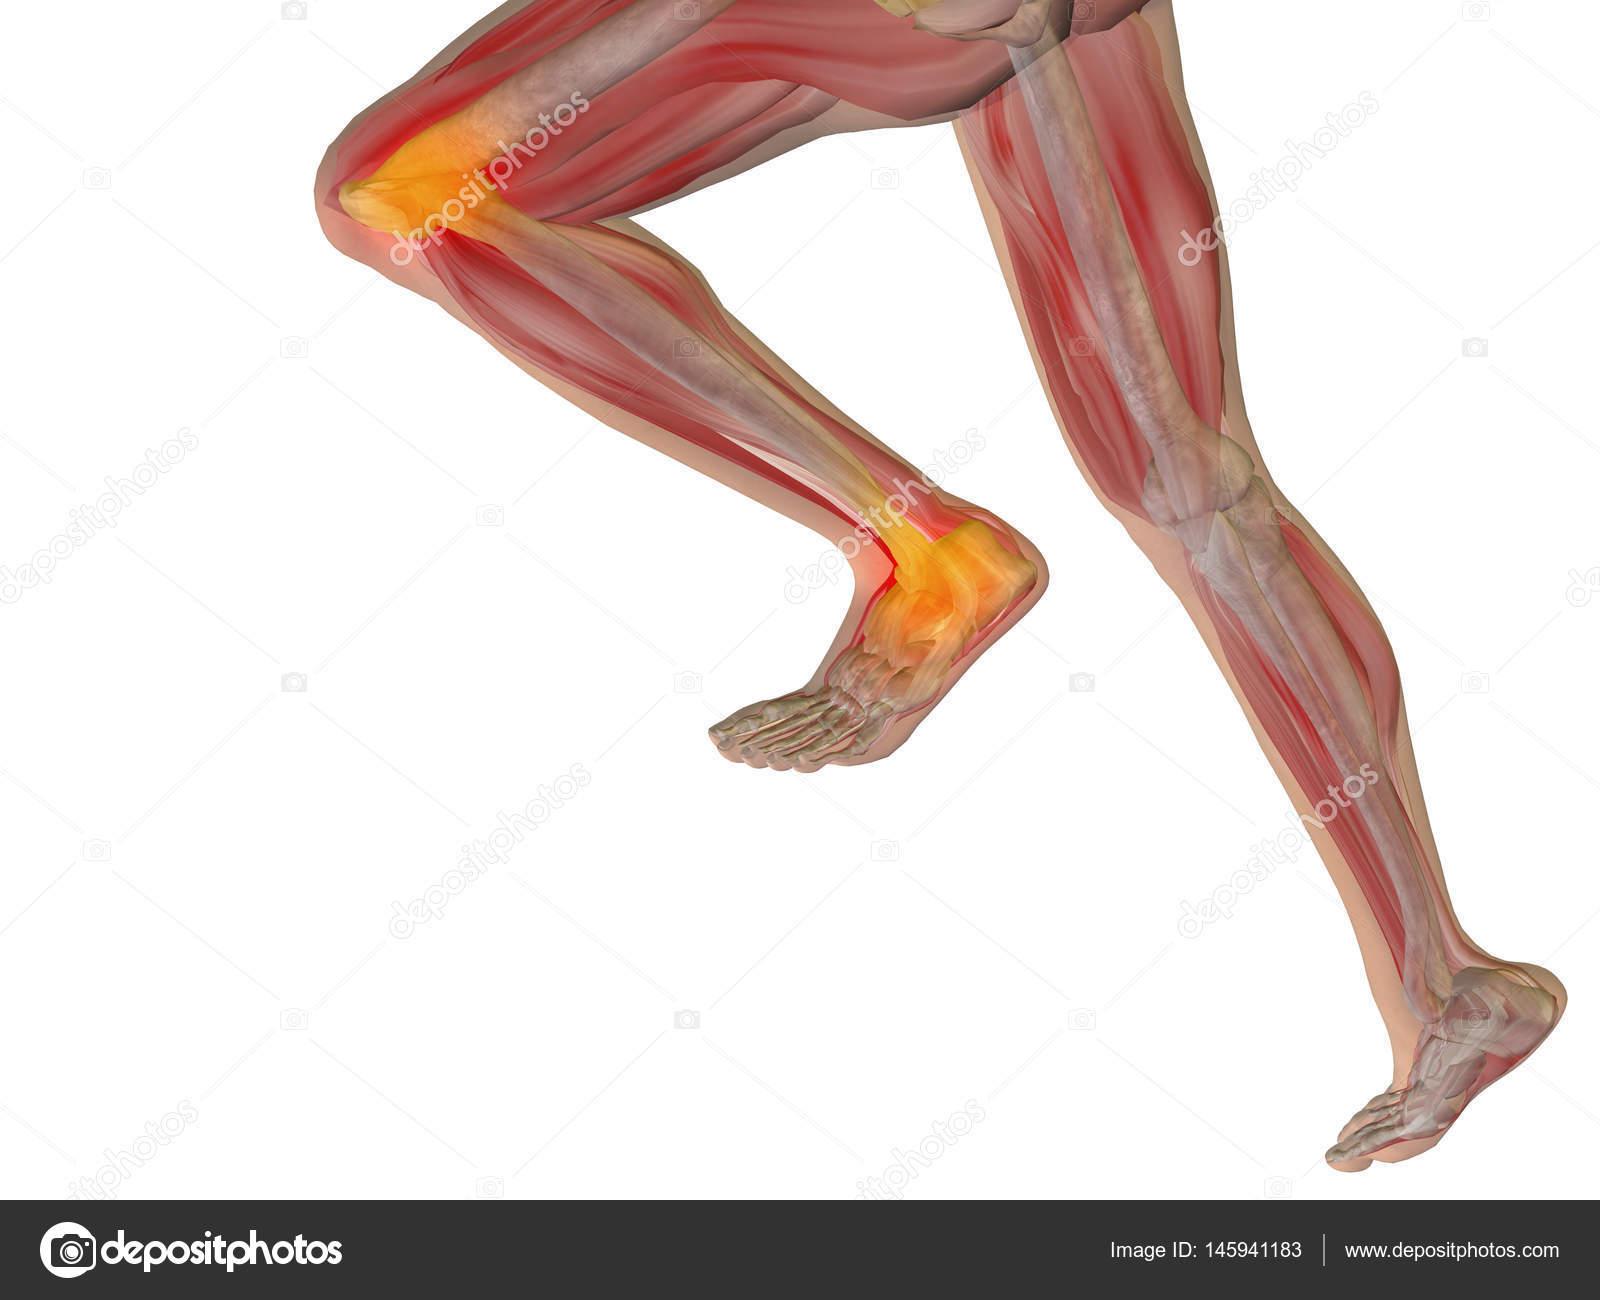 menschliche Anatomie Modell — Stockfoto © design36 #145941183